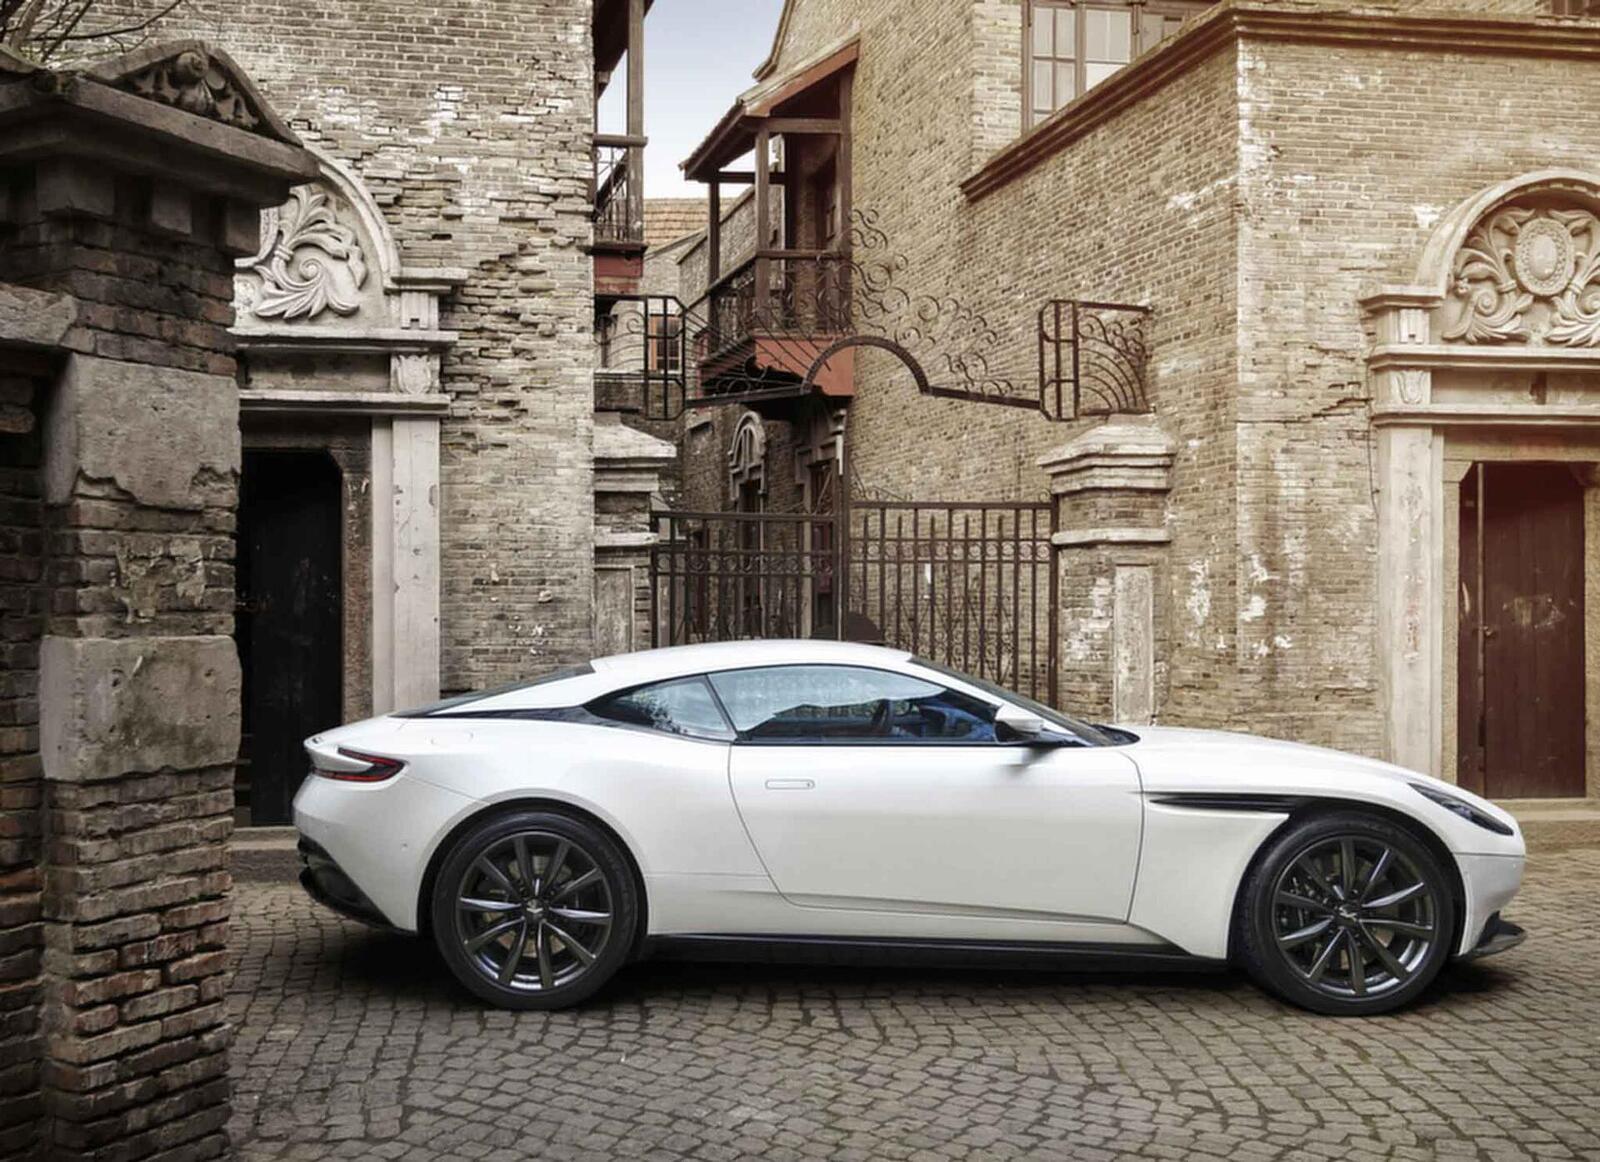 Siêu xe Aston Martin DB11 về Việt Nam; xe nhập chính hãng - Hình 7